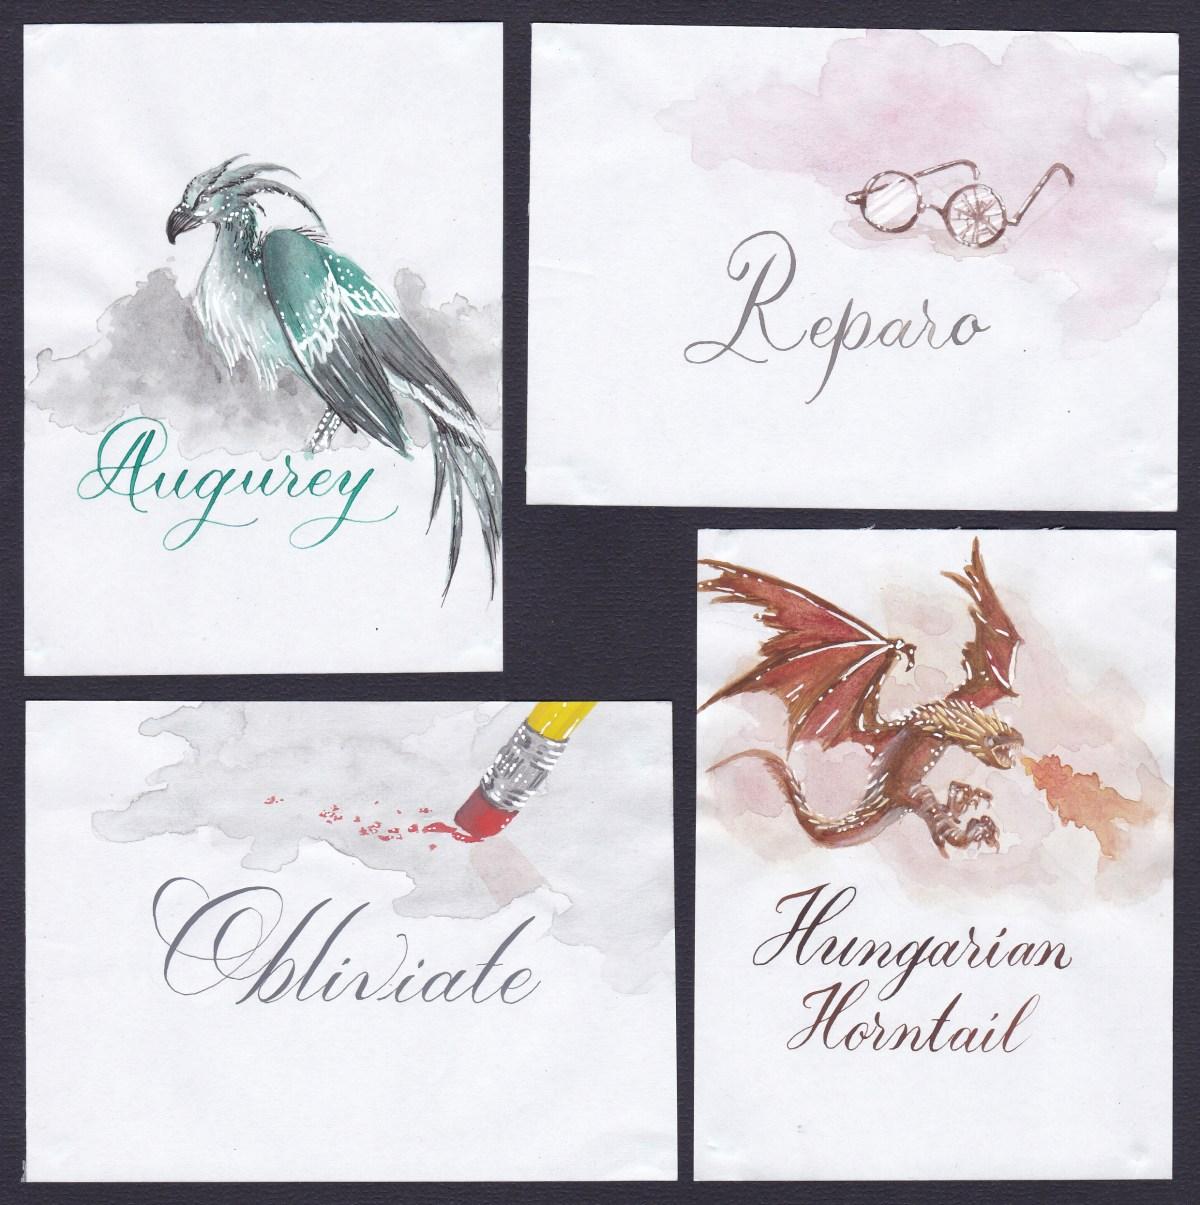 #WorldWatercolorGroup - Harry Potter World Watercolor by Hanny (Khairani Larasati Imania) - #doodlewash